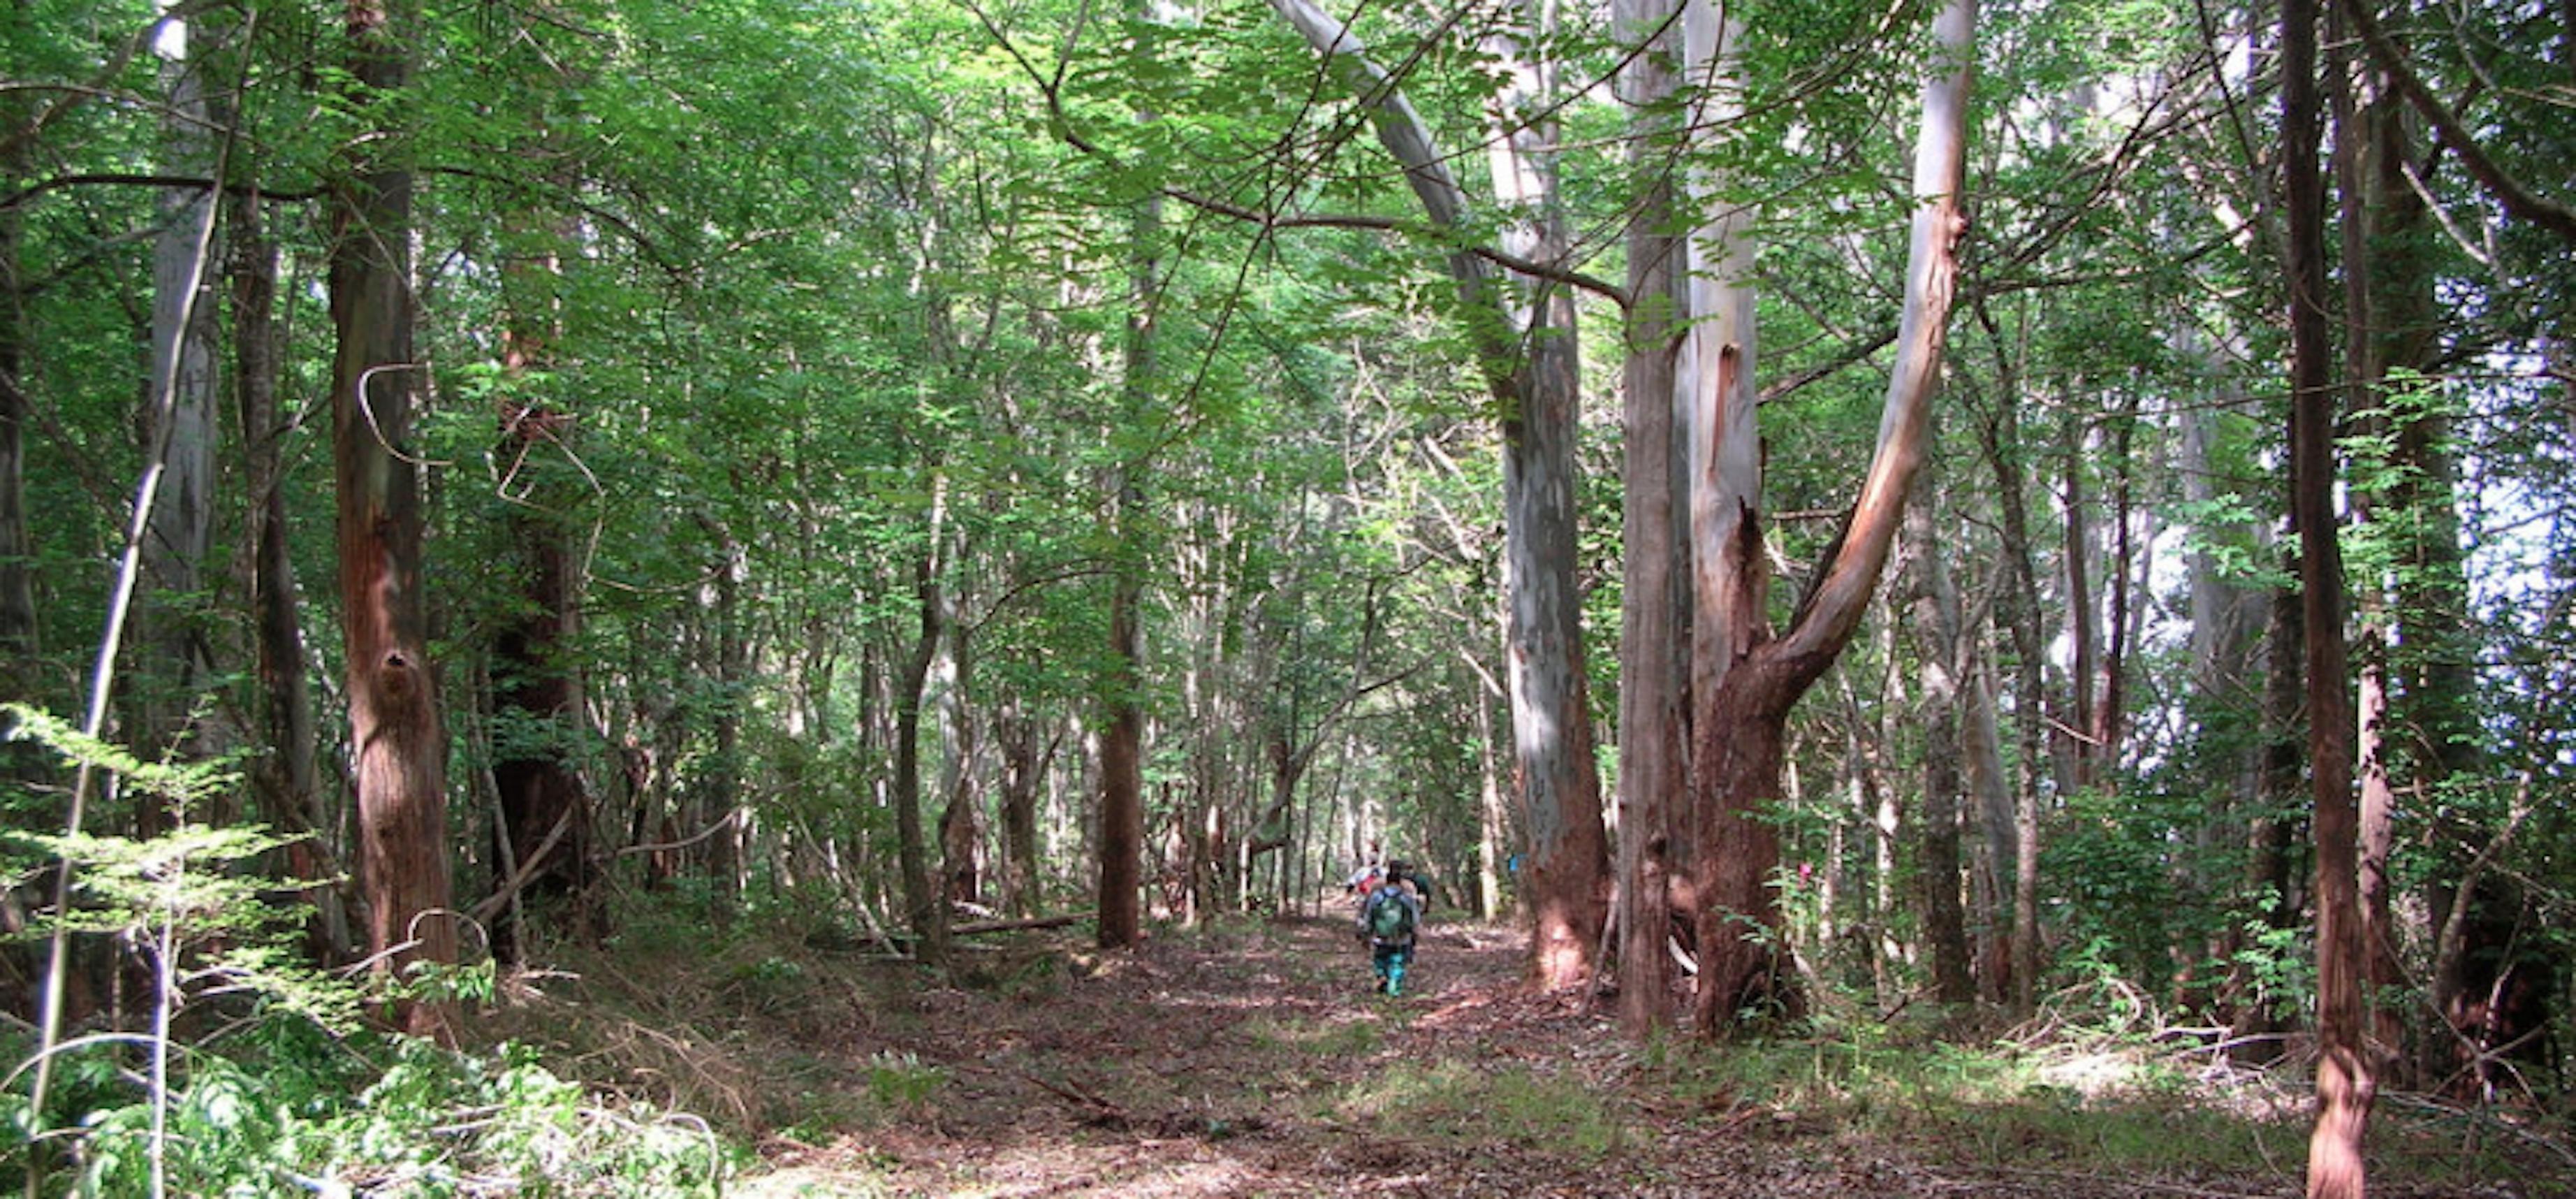 1 - Maui Forest Hiking via Flickr